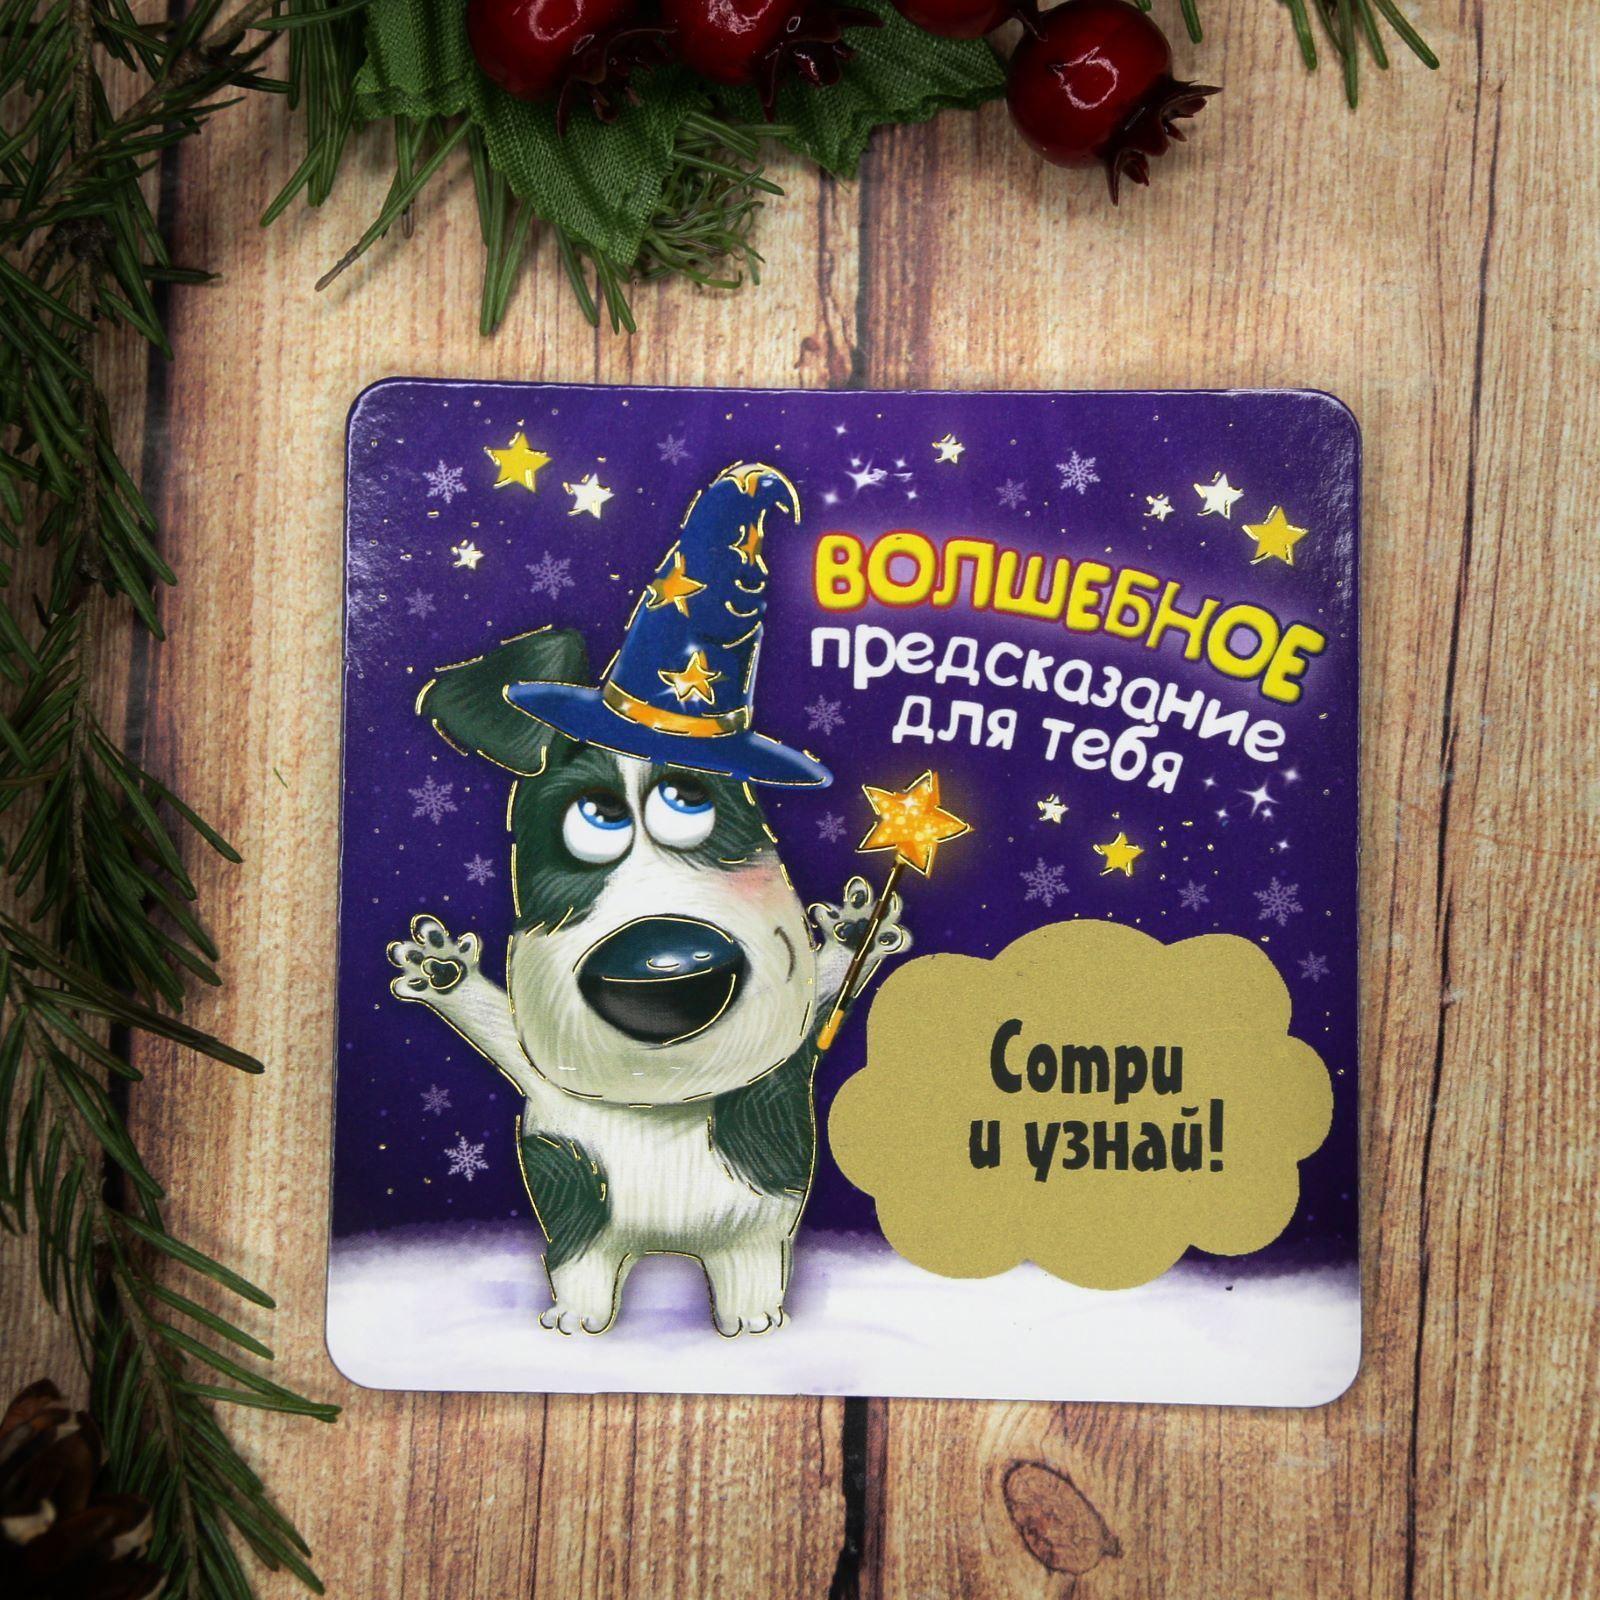 Магнит Sima-land Волшебное предсказание для тебя, со скретч-слоем, 8 х 8 см1989263Порадуйте родных и близких оригинальным сувениром: преподнесите в подарок магнит. С ним даже самый серьёзный человек почувствует себя ребёнком, ожидающим чудо! Создайте праздничное настроение, и оно останется с вами на весь год.